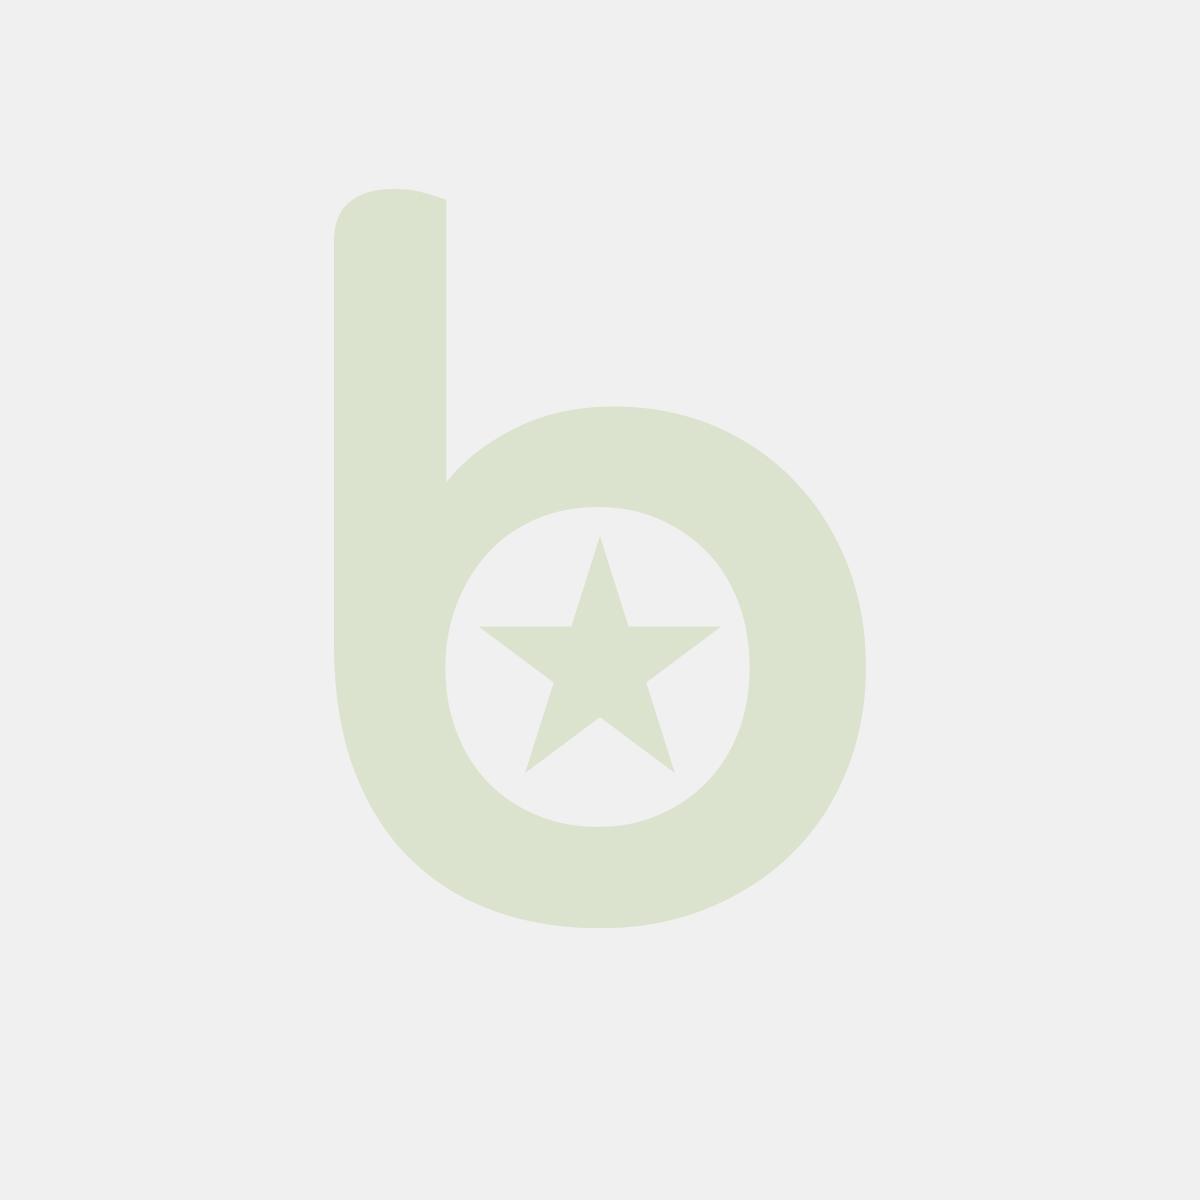 Pojemnik obiadowy do zgrzewu K 227/1, niedzielony, czarny, 227x178x50, cena za opakowanie 50szt